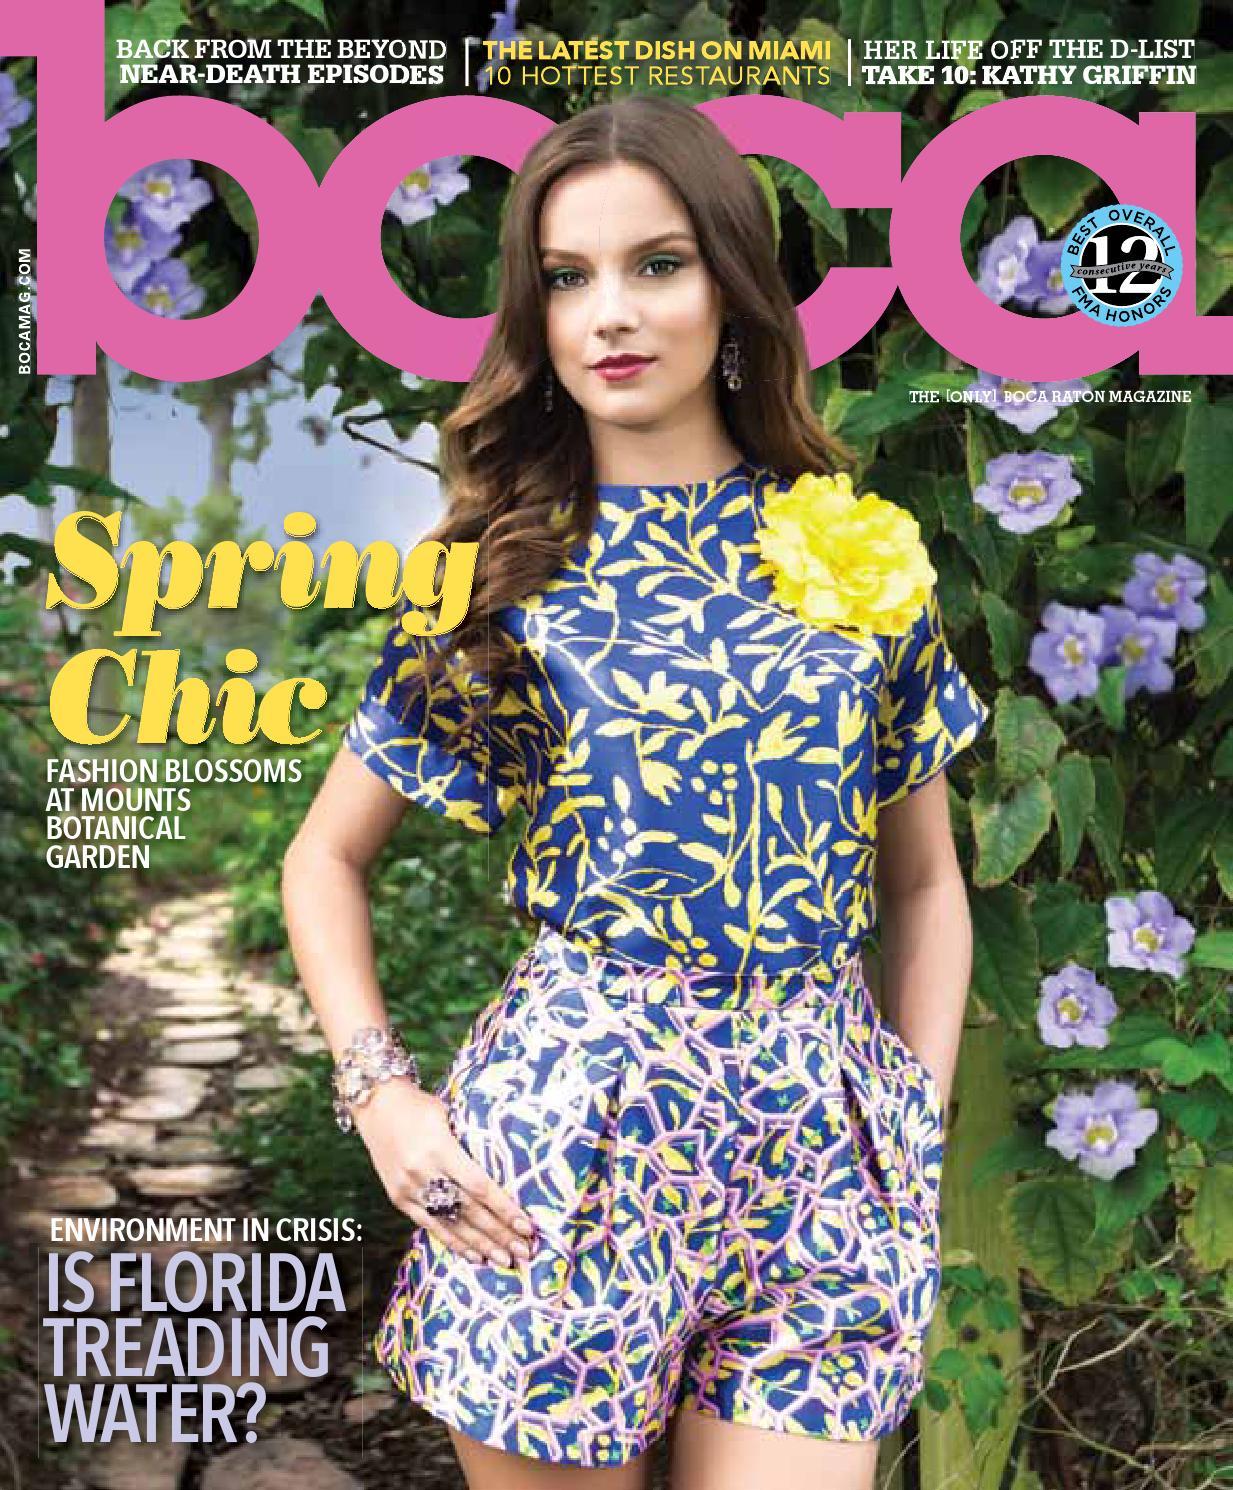 Boca Raton magazine Sept  Oct       by JES Publishing   issuu Issuu